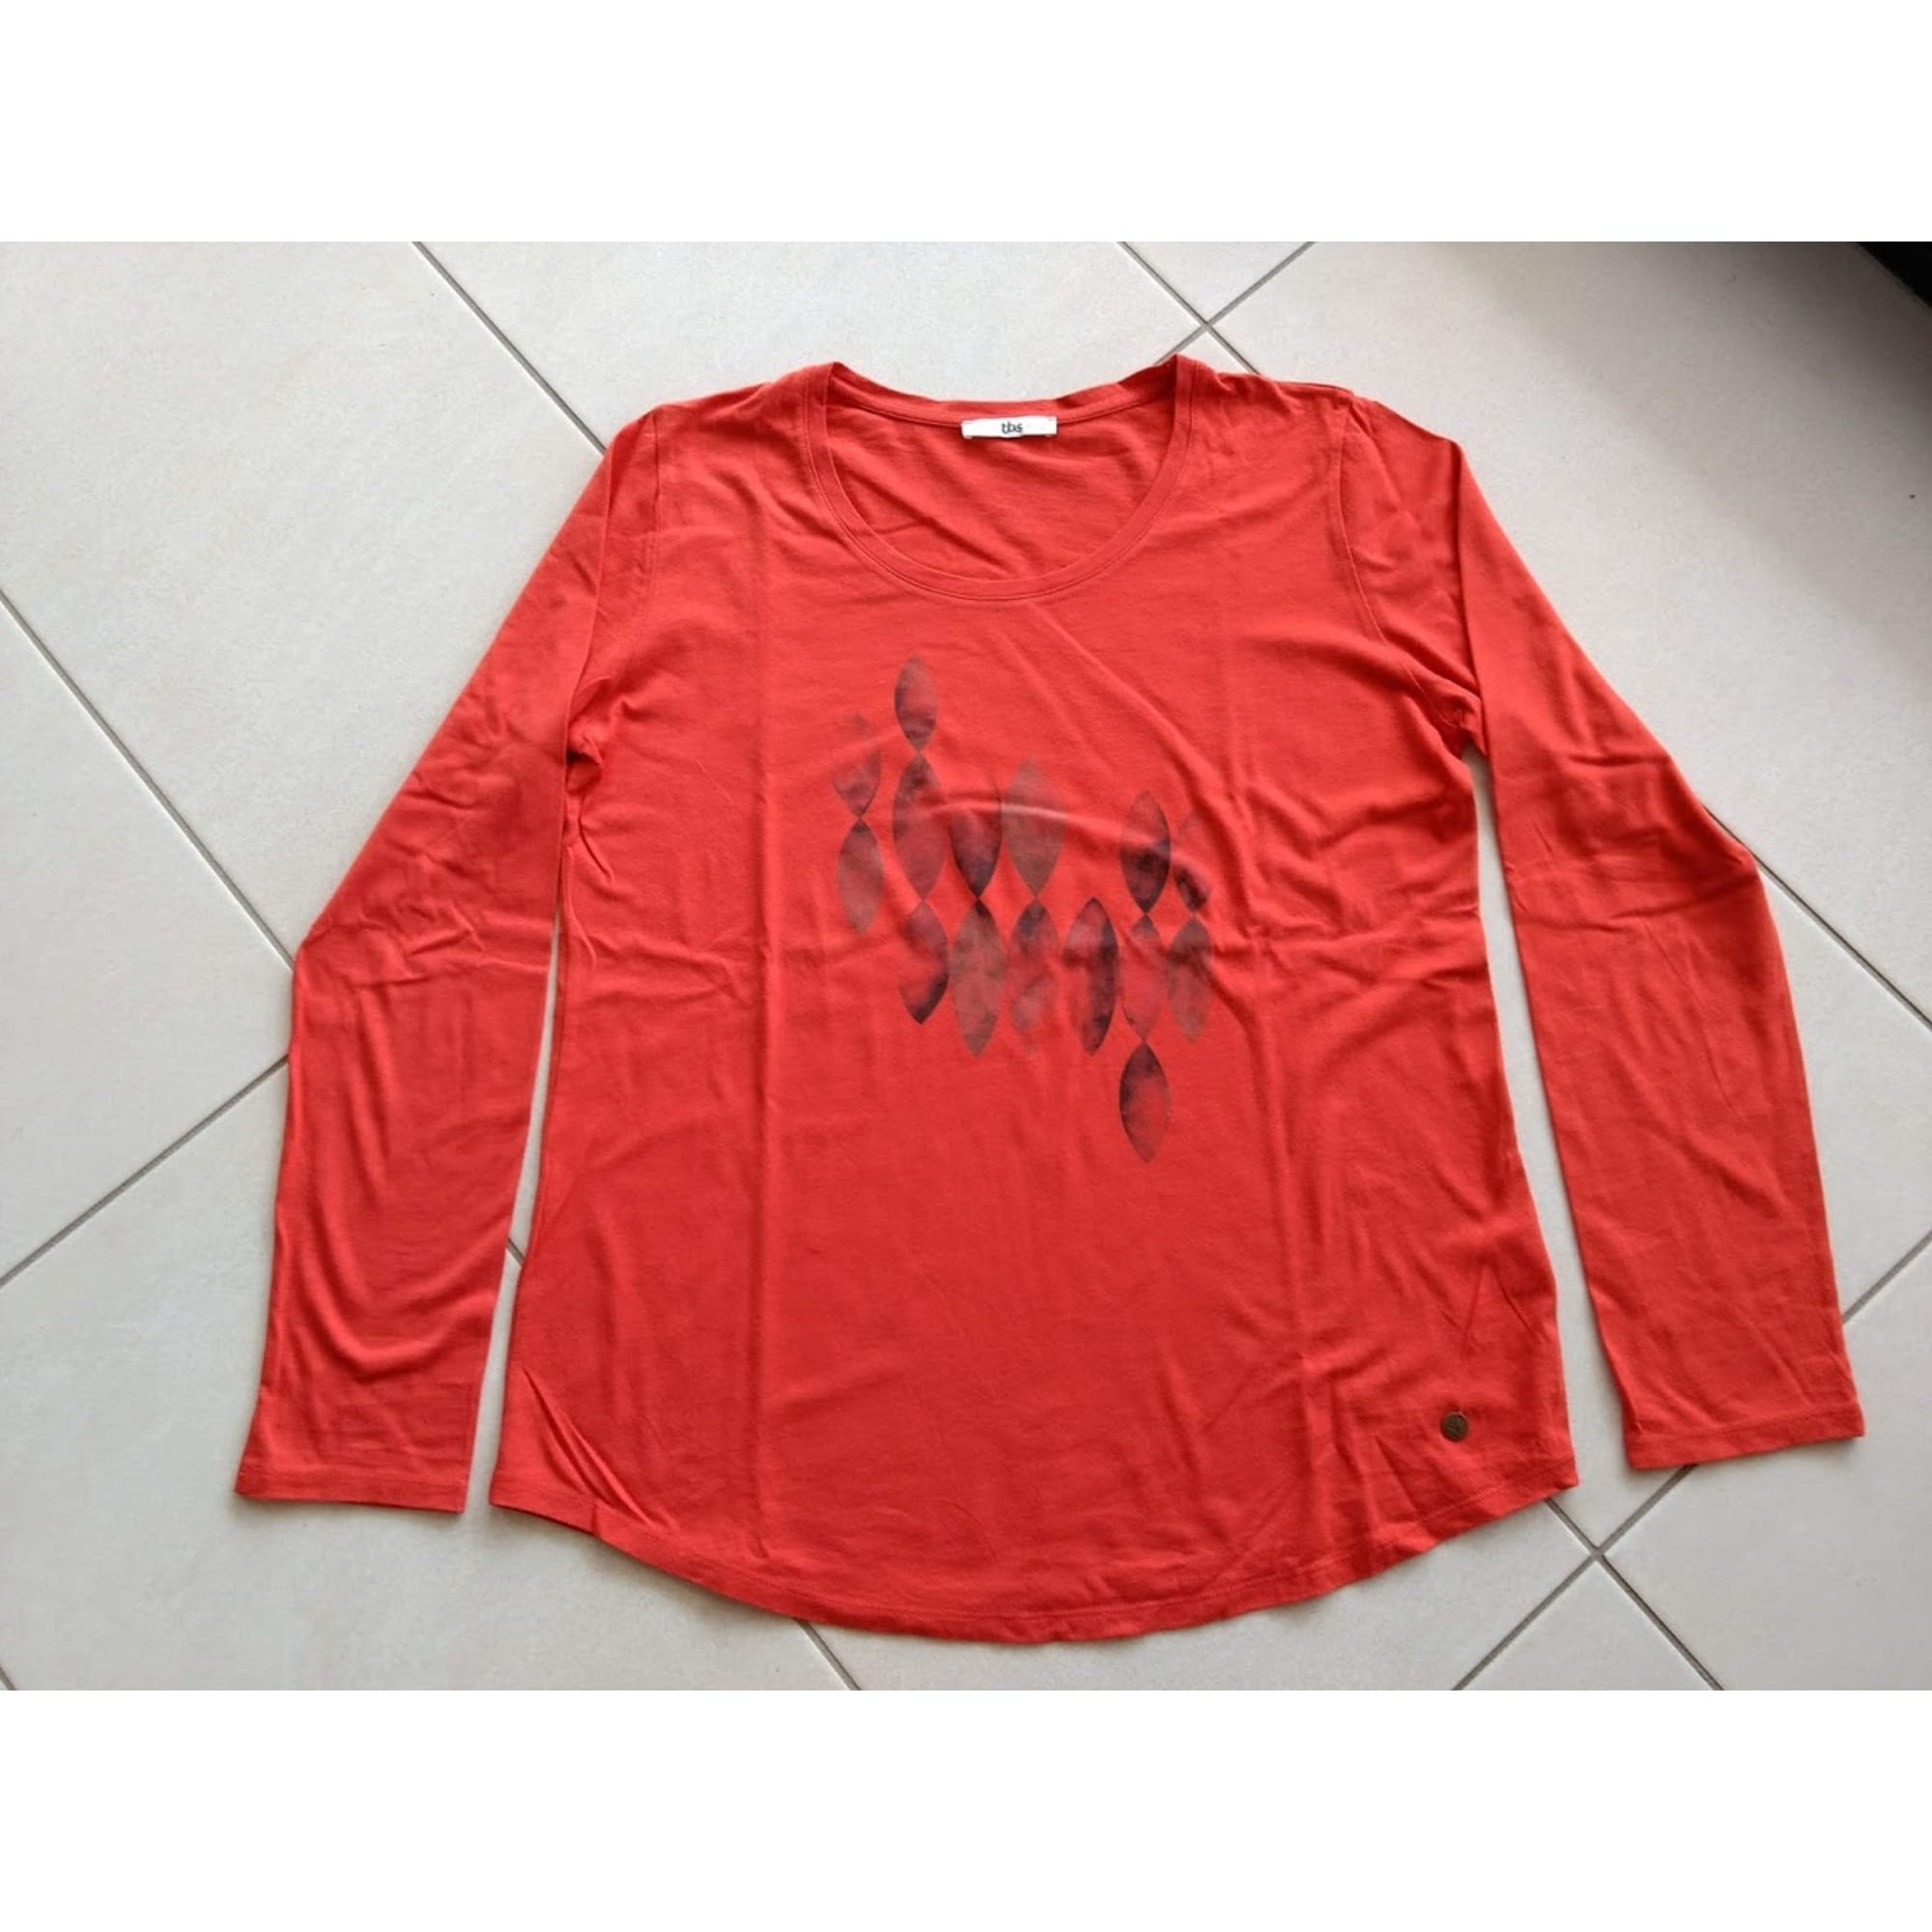 dd545729afeb2b Top, tee-shirt TBS 40 (L, T3) orange - 8012834